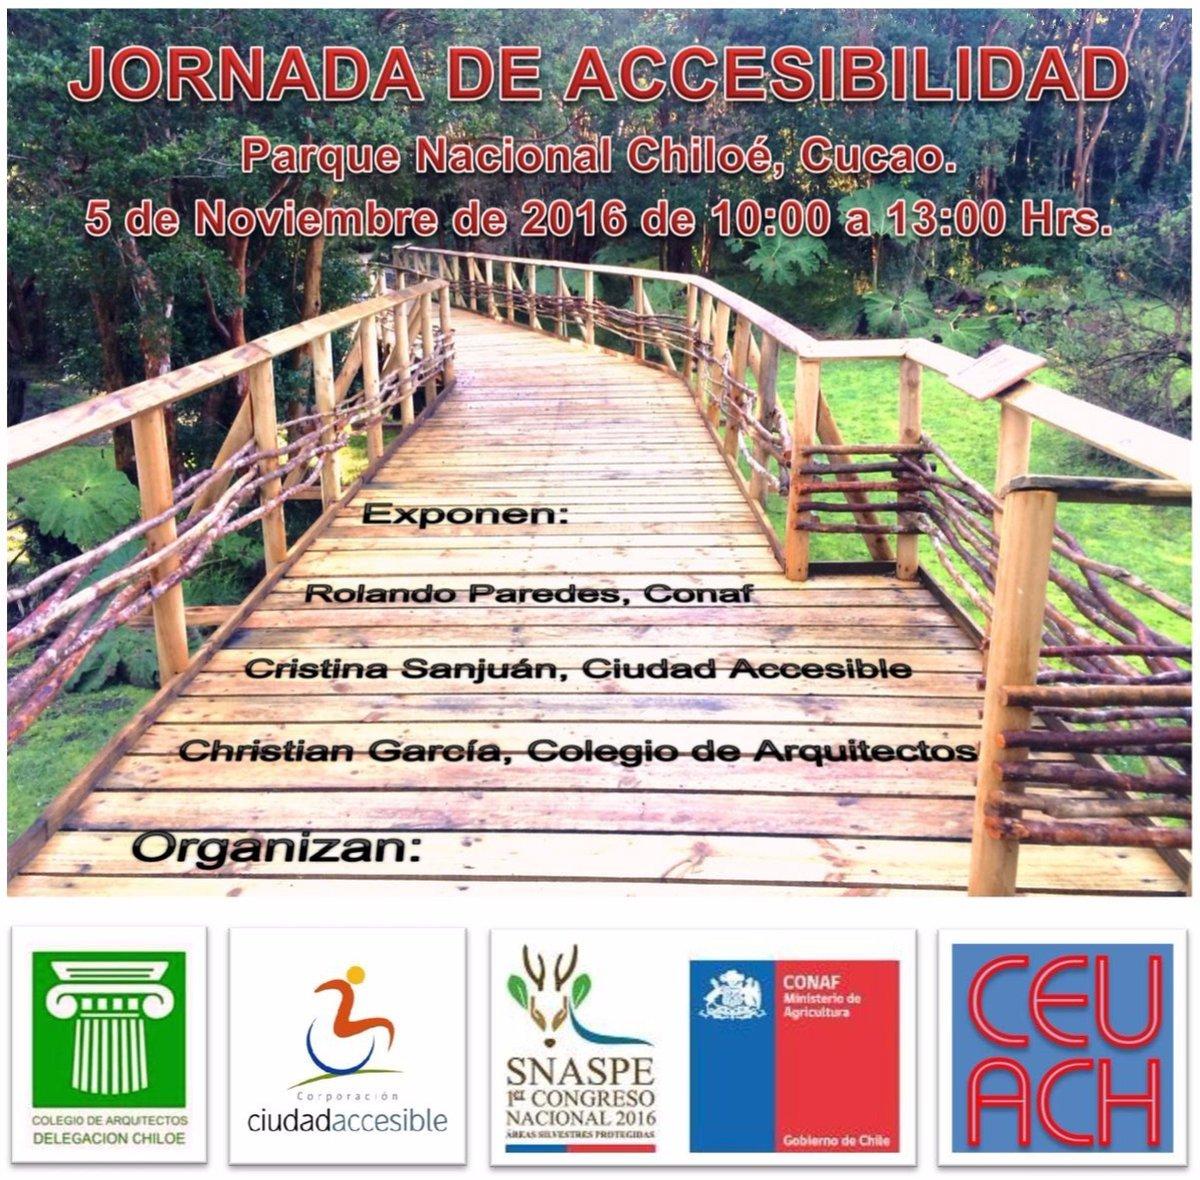 Jornada de Accesibilidad Parque Nacional Chiloé Cucao